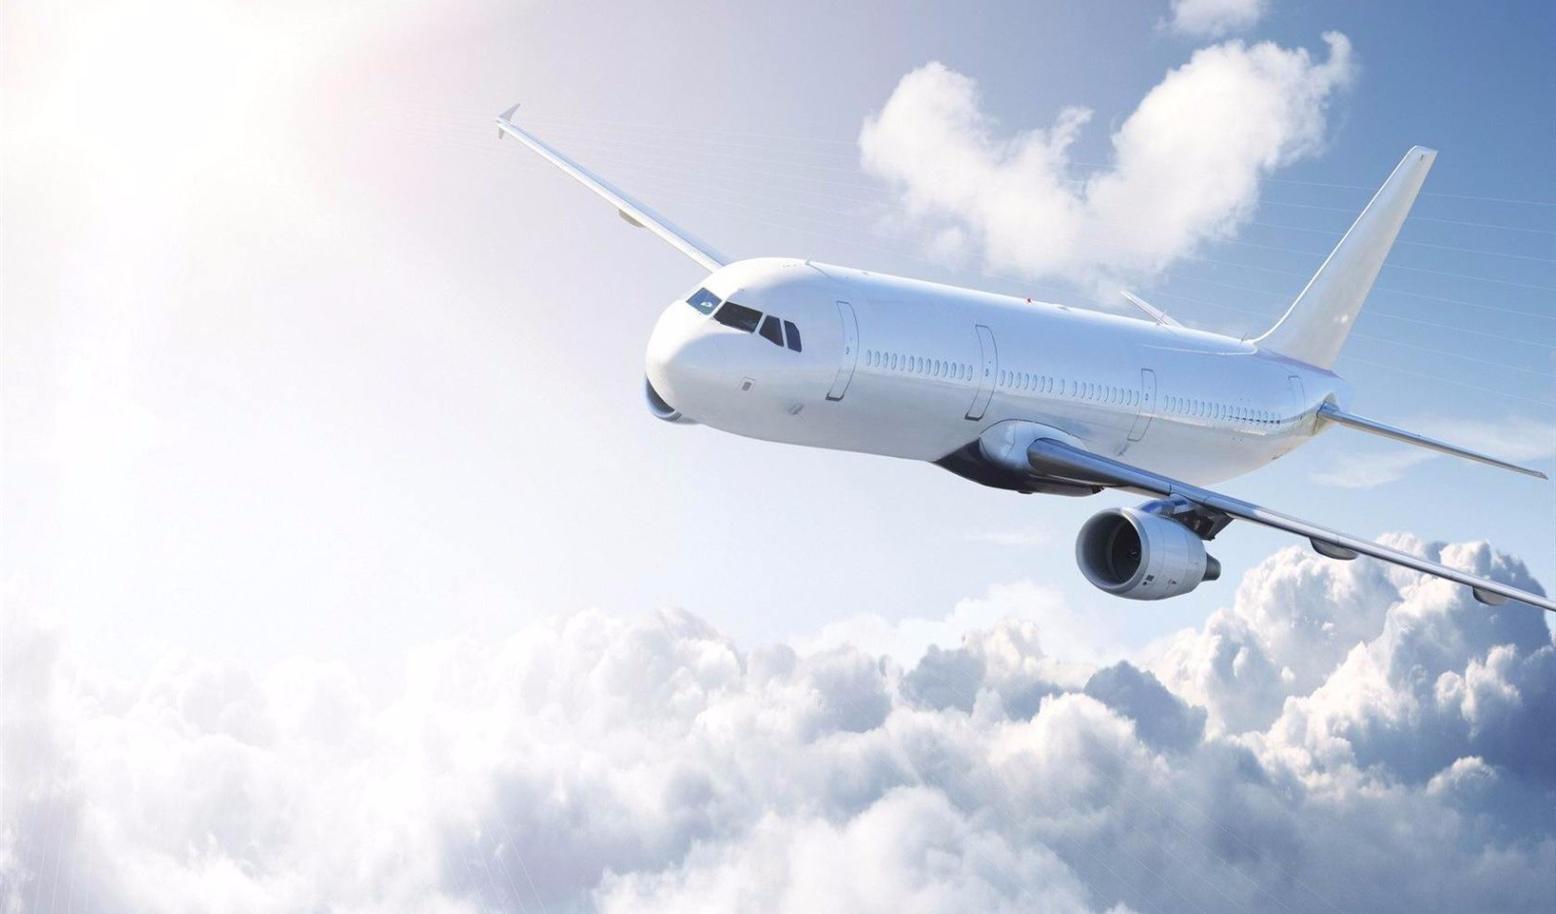 10年需增3200架飞机,中国航空公司开始掀争夺战